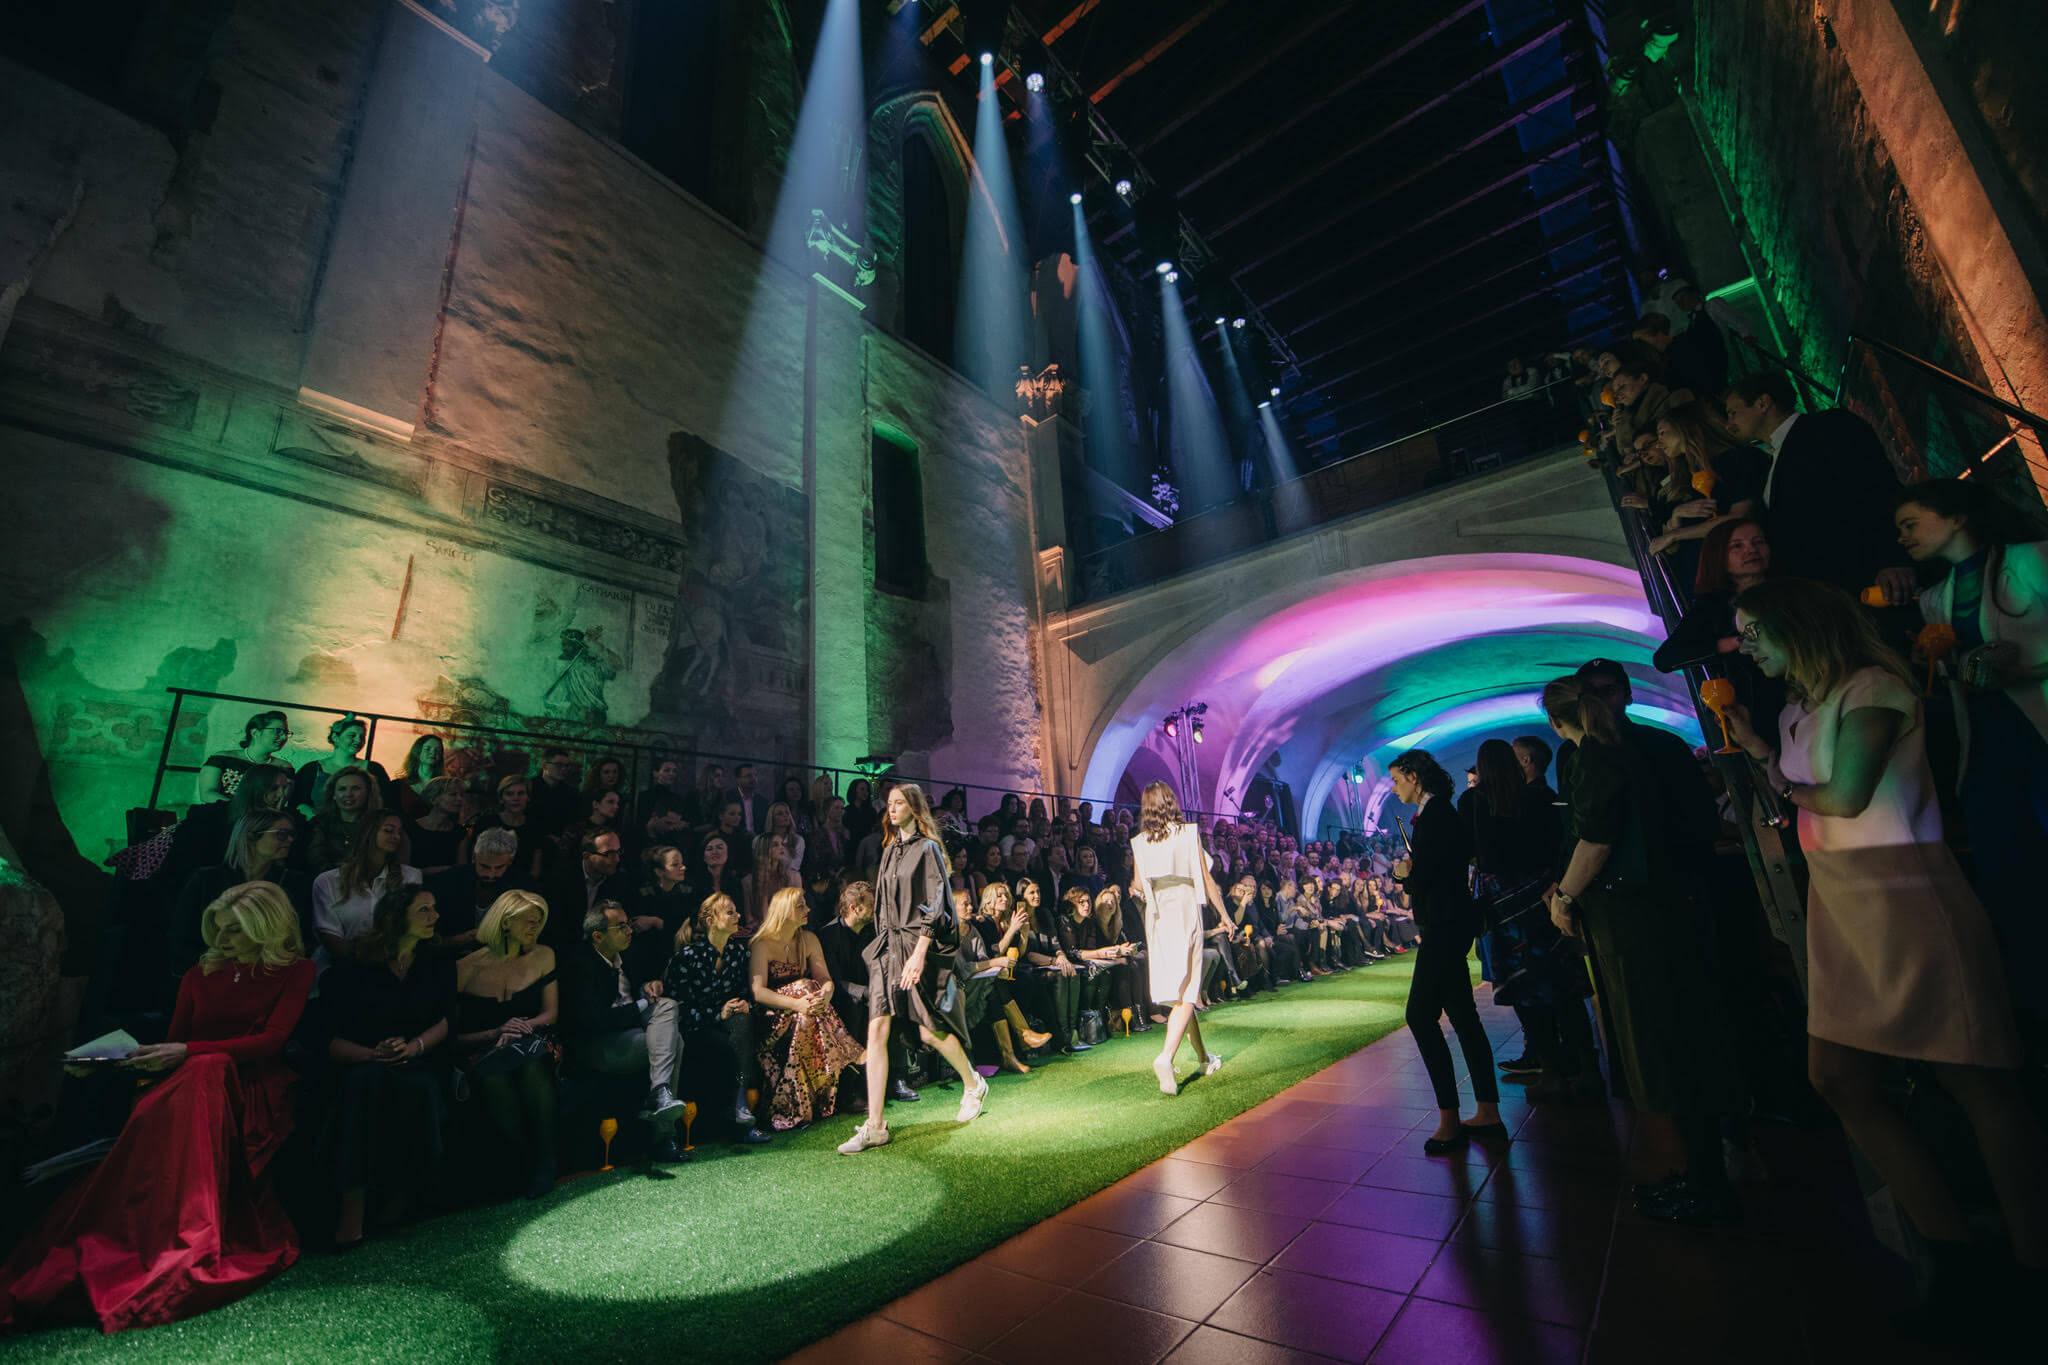 Foto: archiv Fashion Star Night